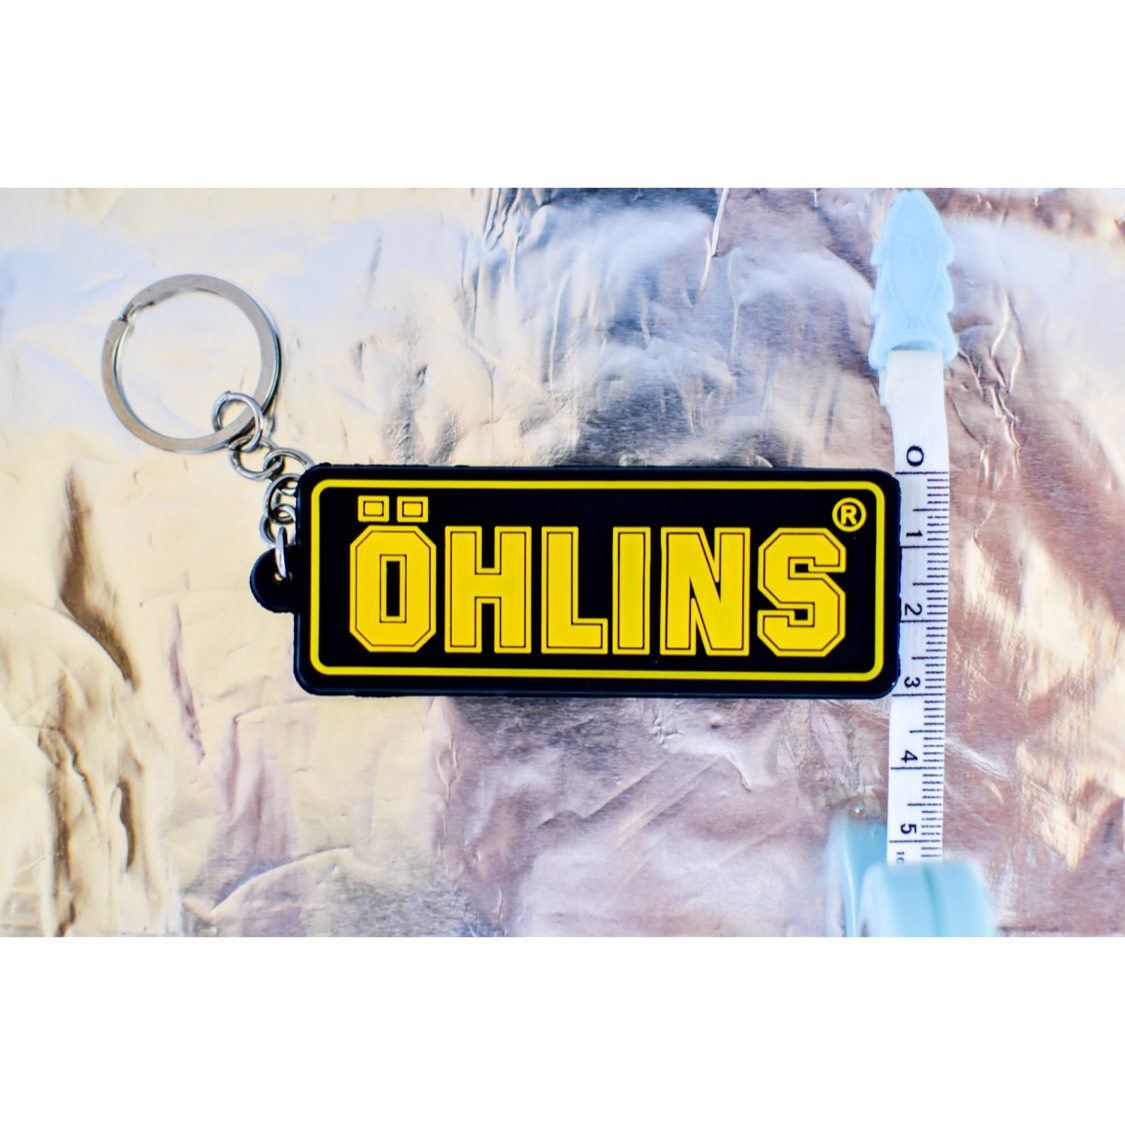 【数量限定】OHLINS ラバーストラップ 新品!